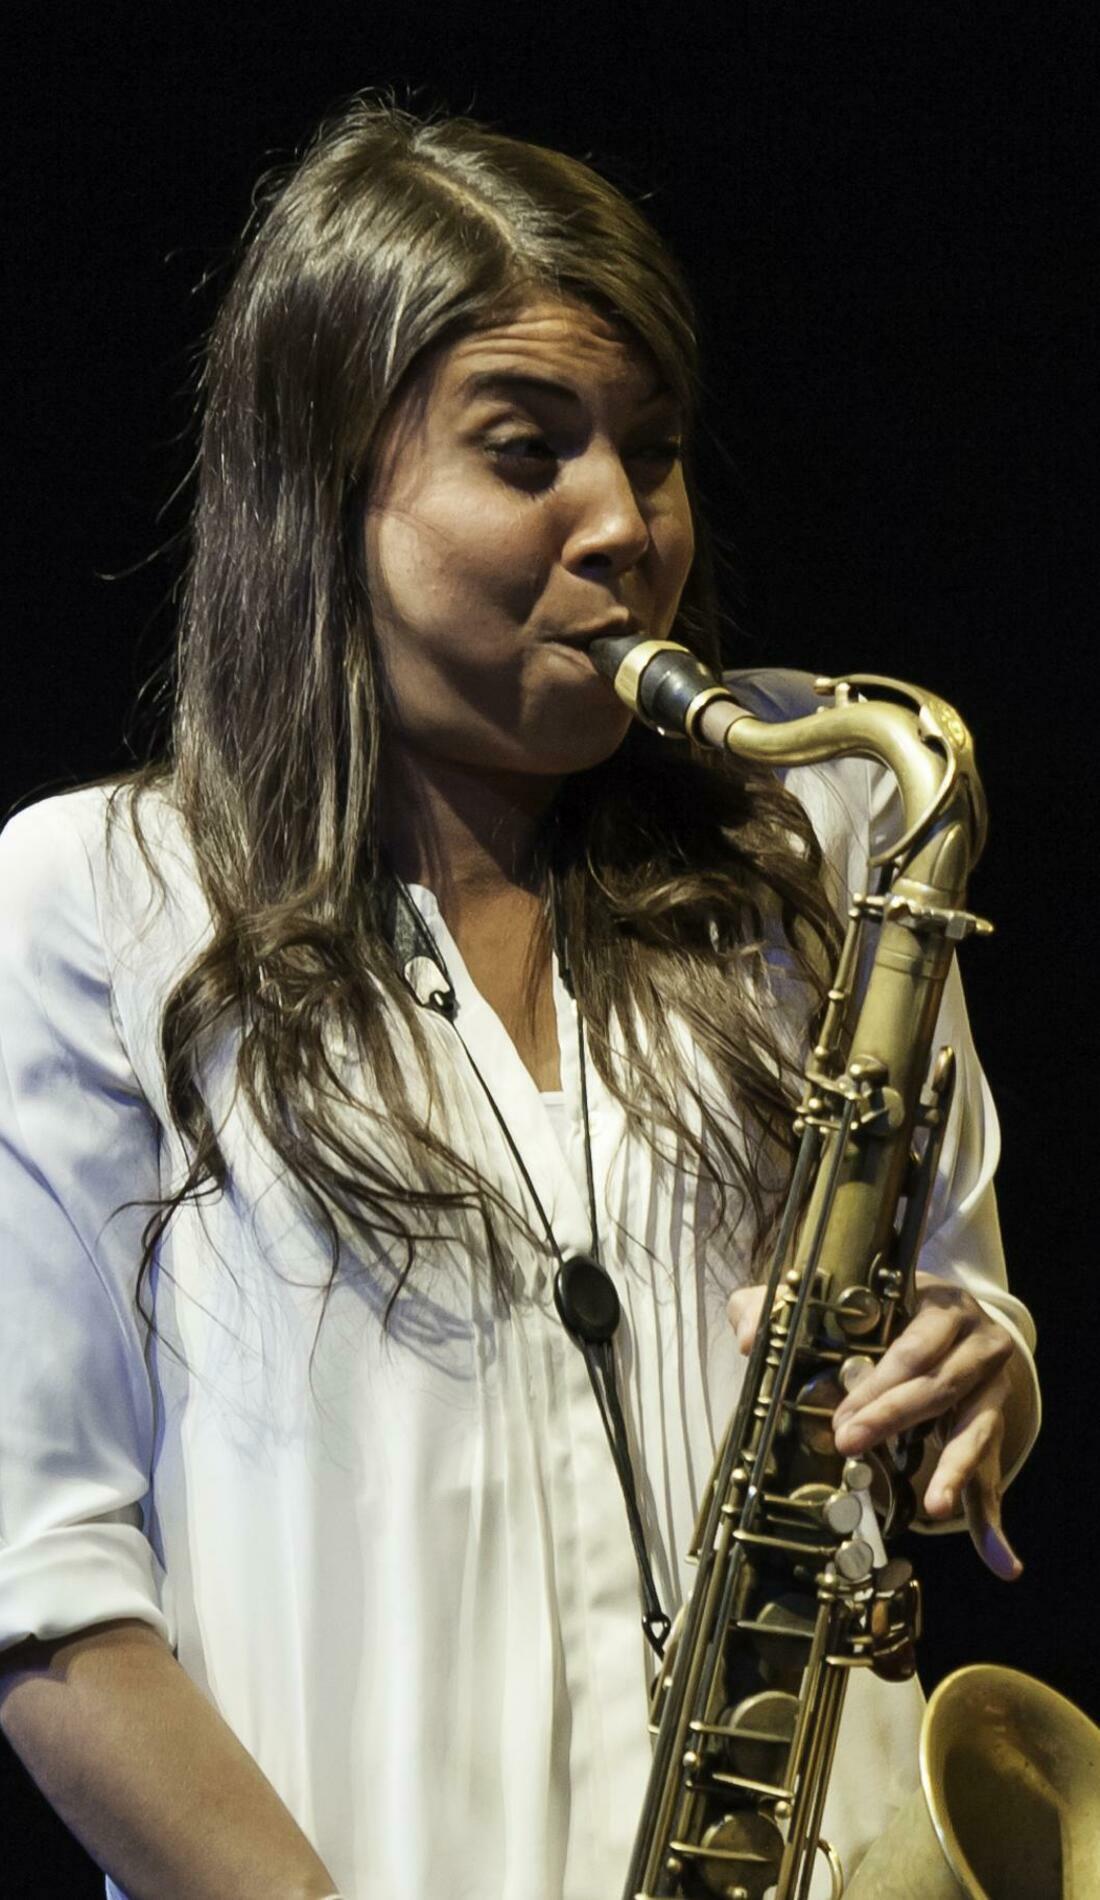 A Melissa Aldana live event